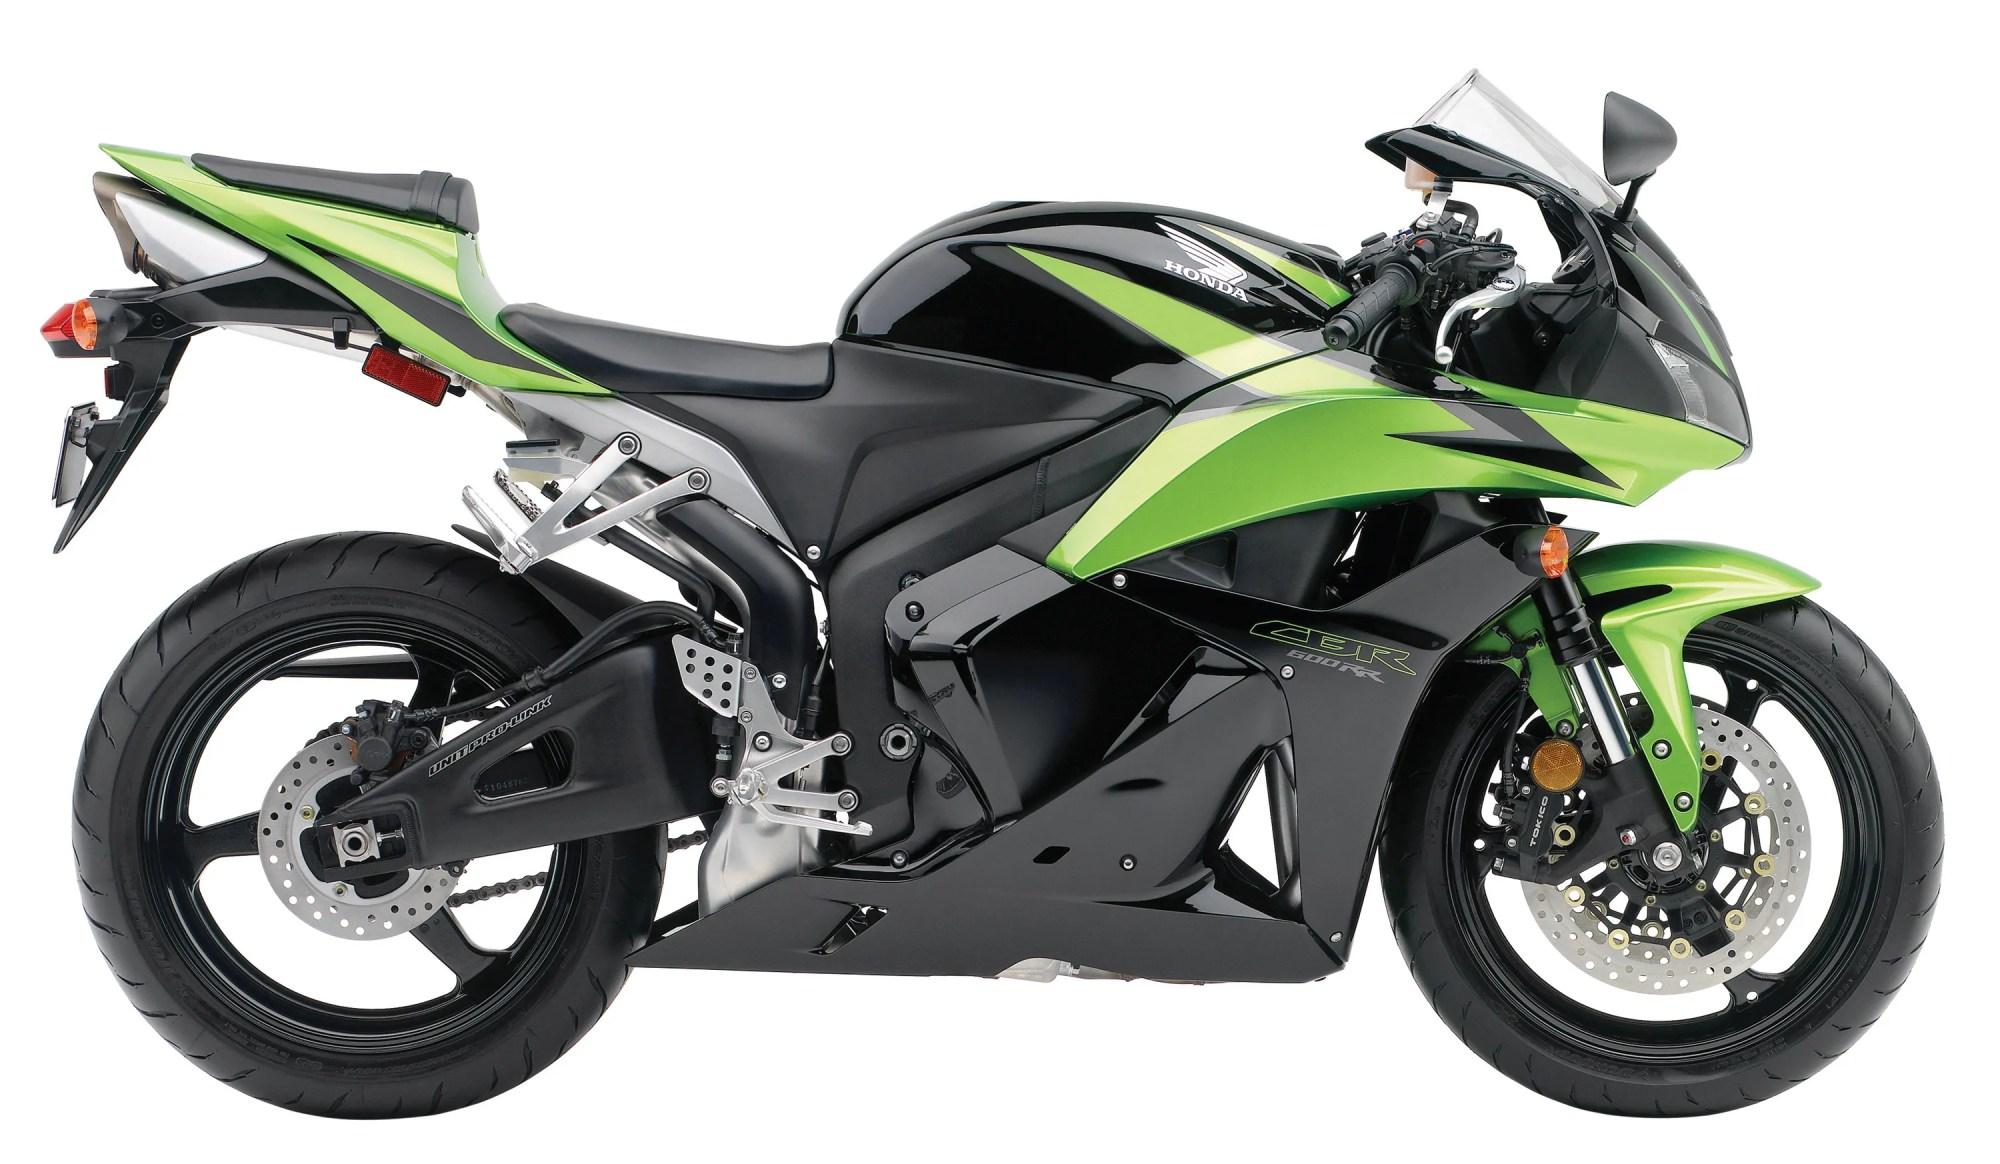 hight resolution of 2009 honda cbr600rr abs top speed